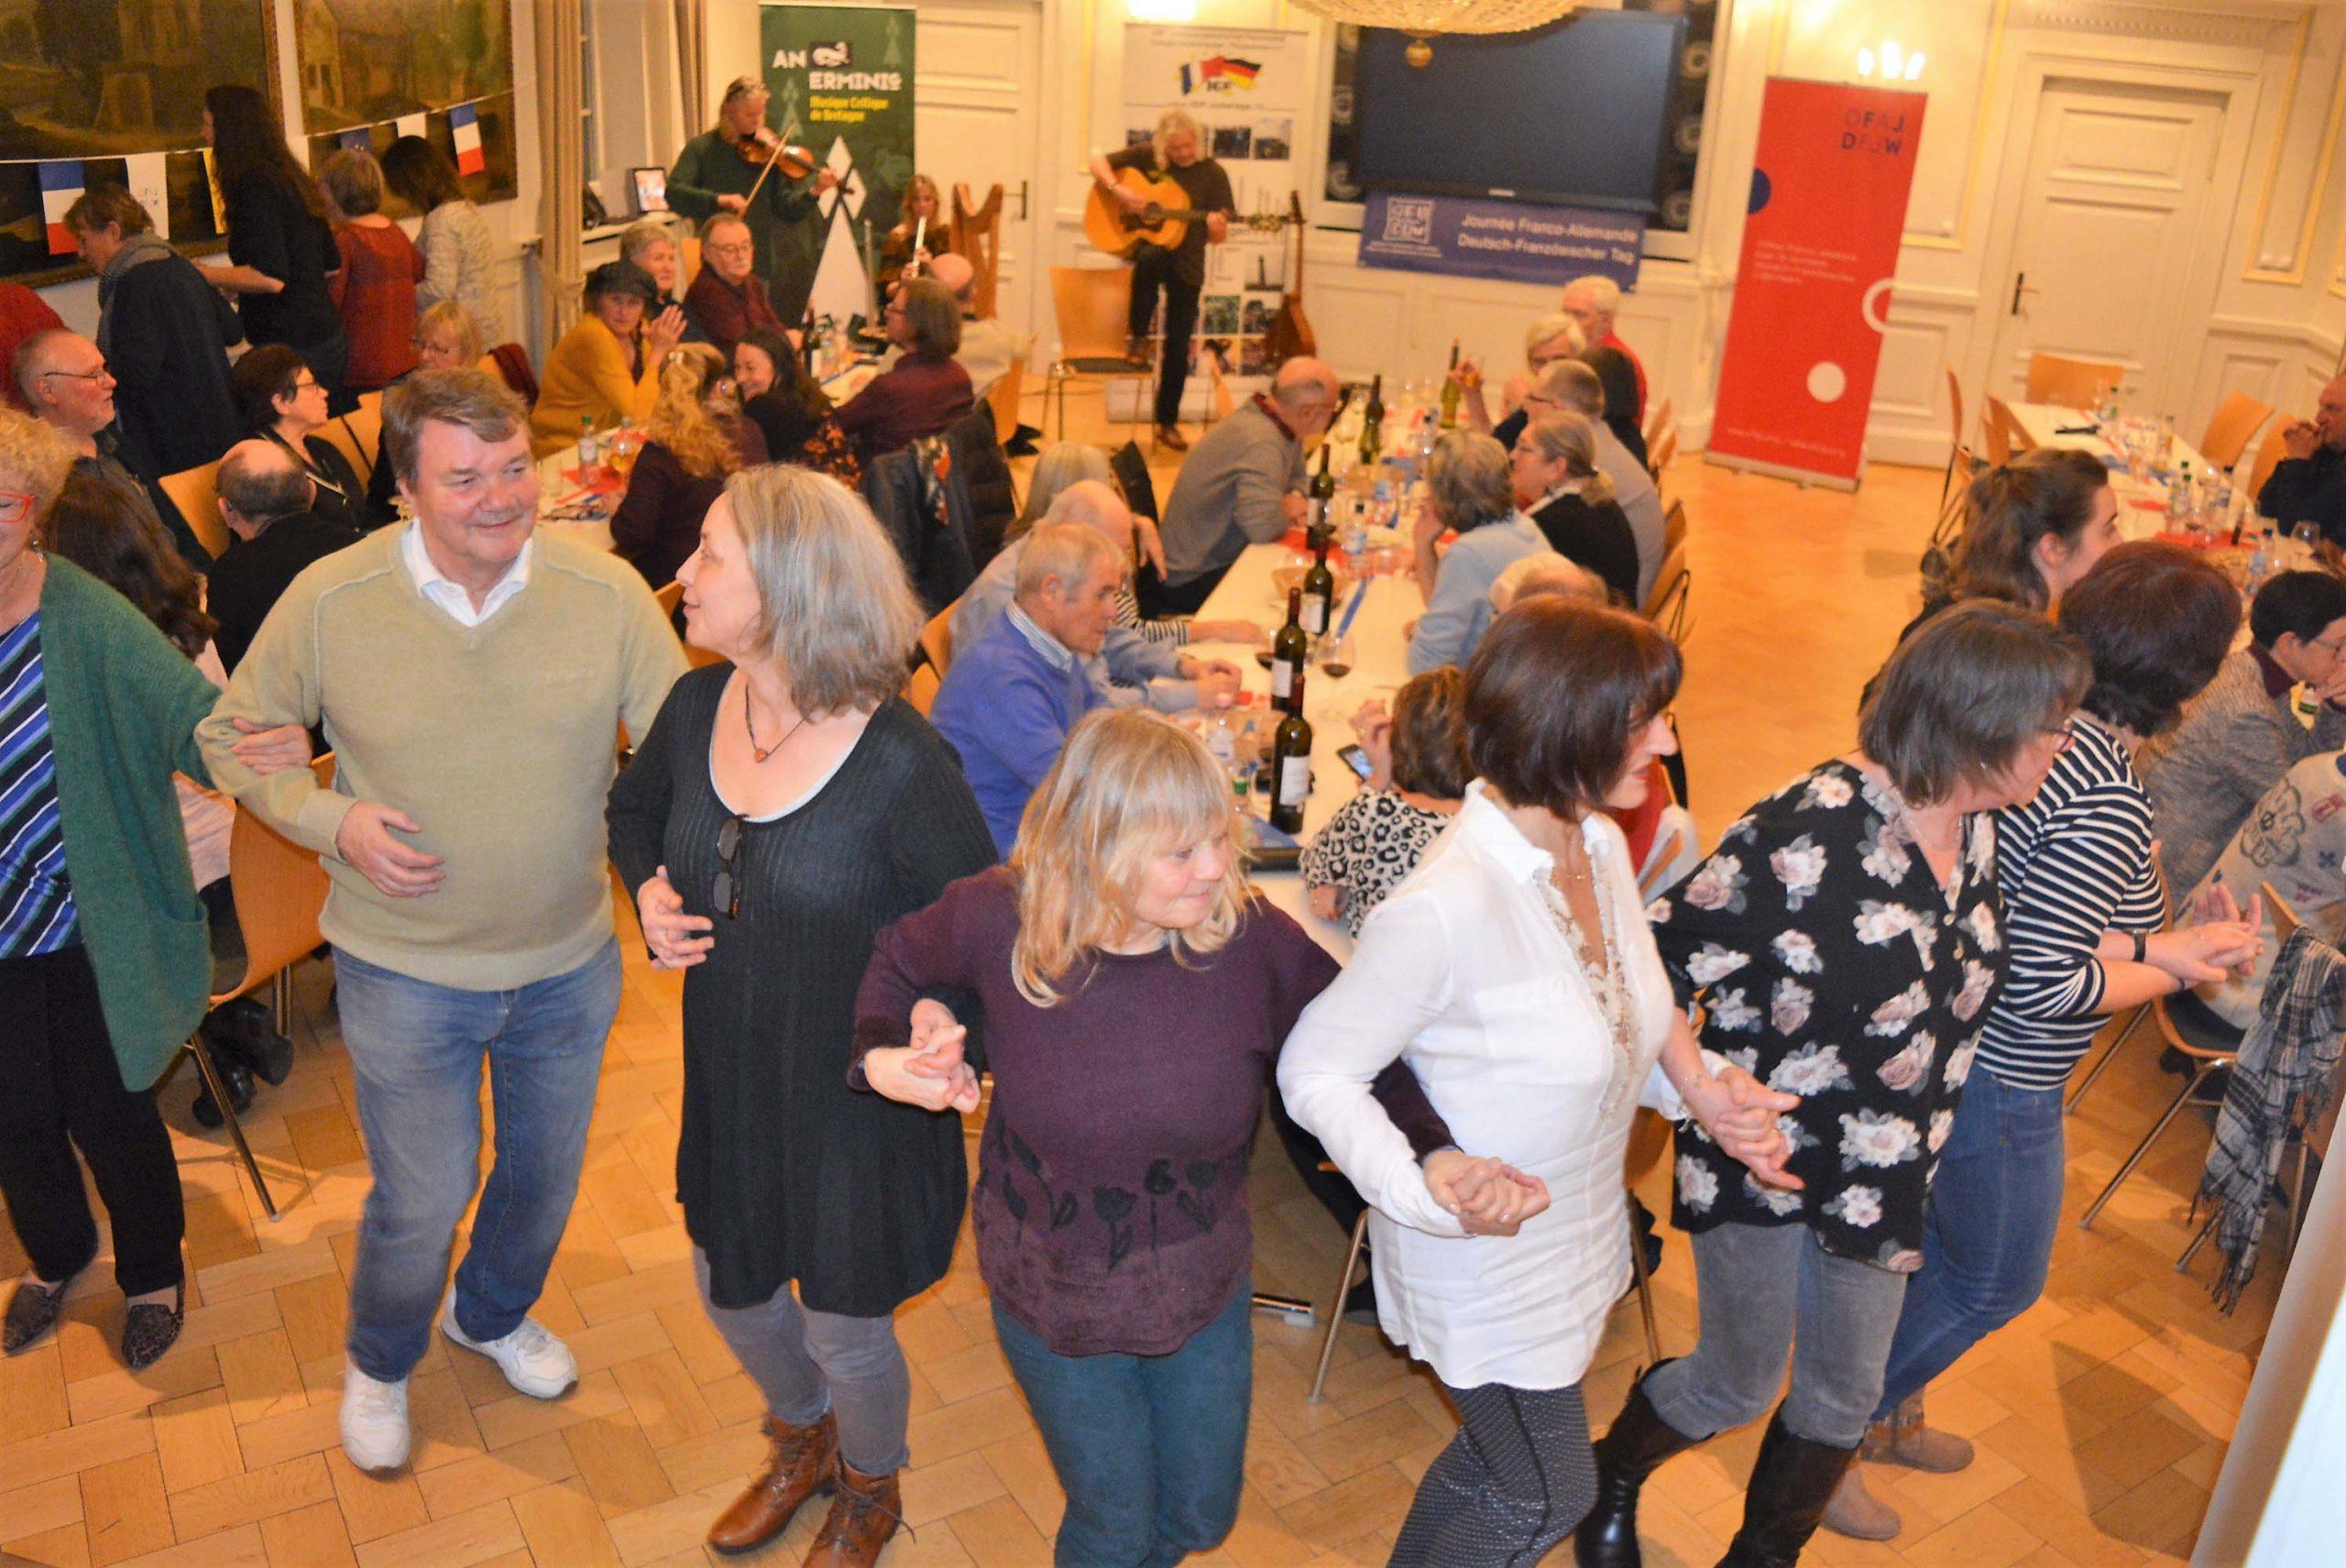 Les amis du Jumelage dansent lors de la soirée franco-allemande au château de Neckarhausen